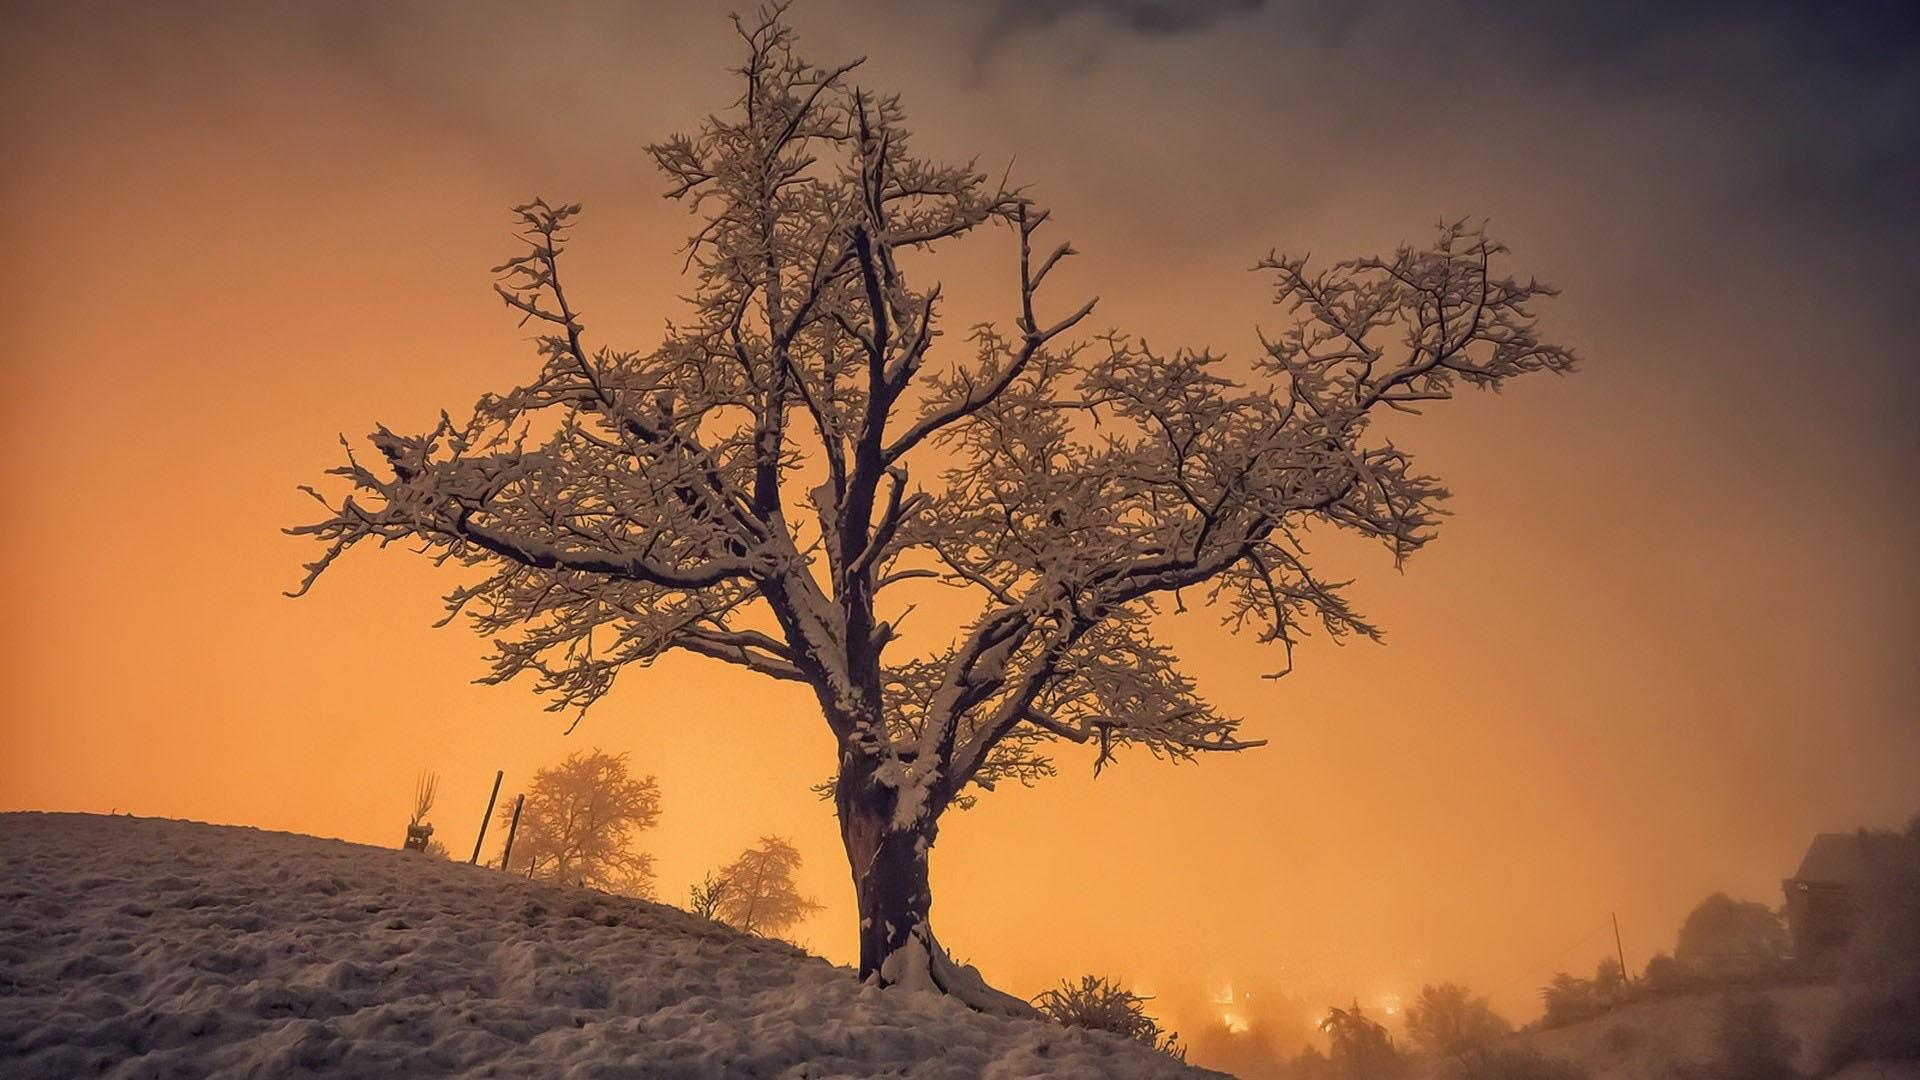 Hình nền mùa đông chiều tà